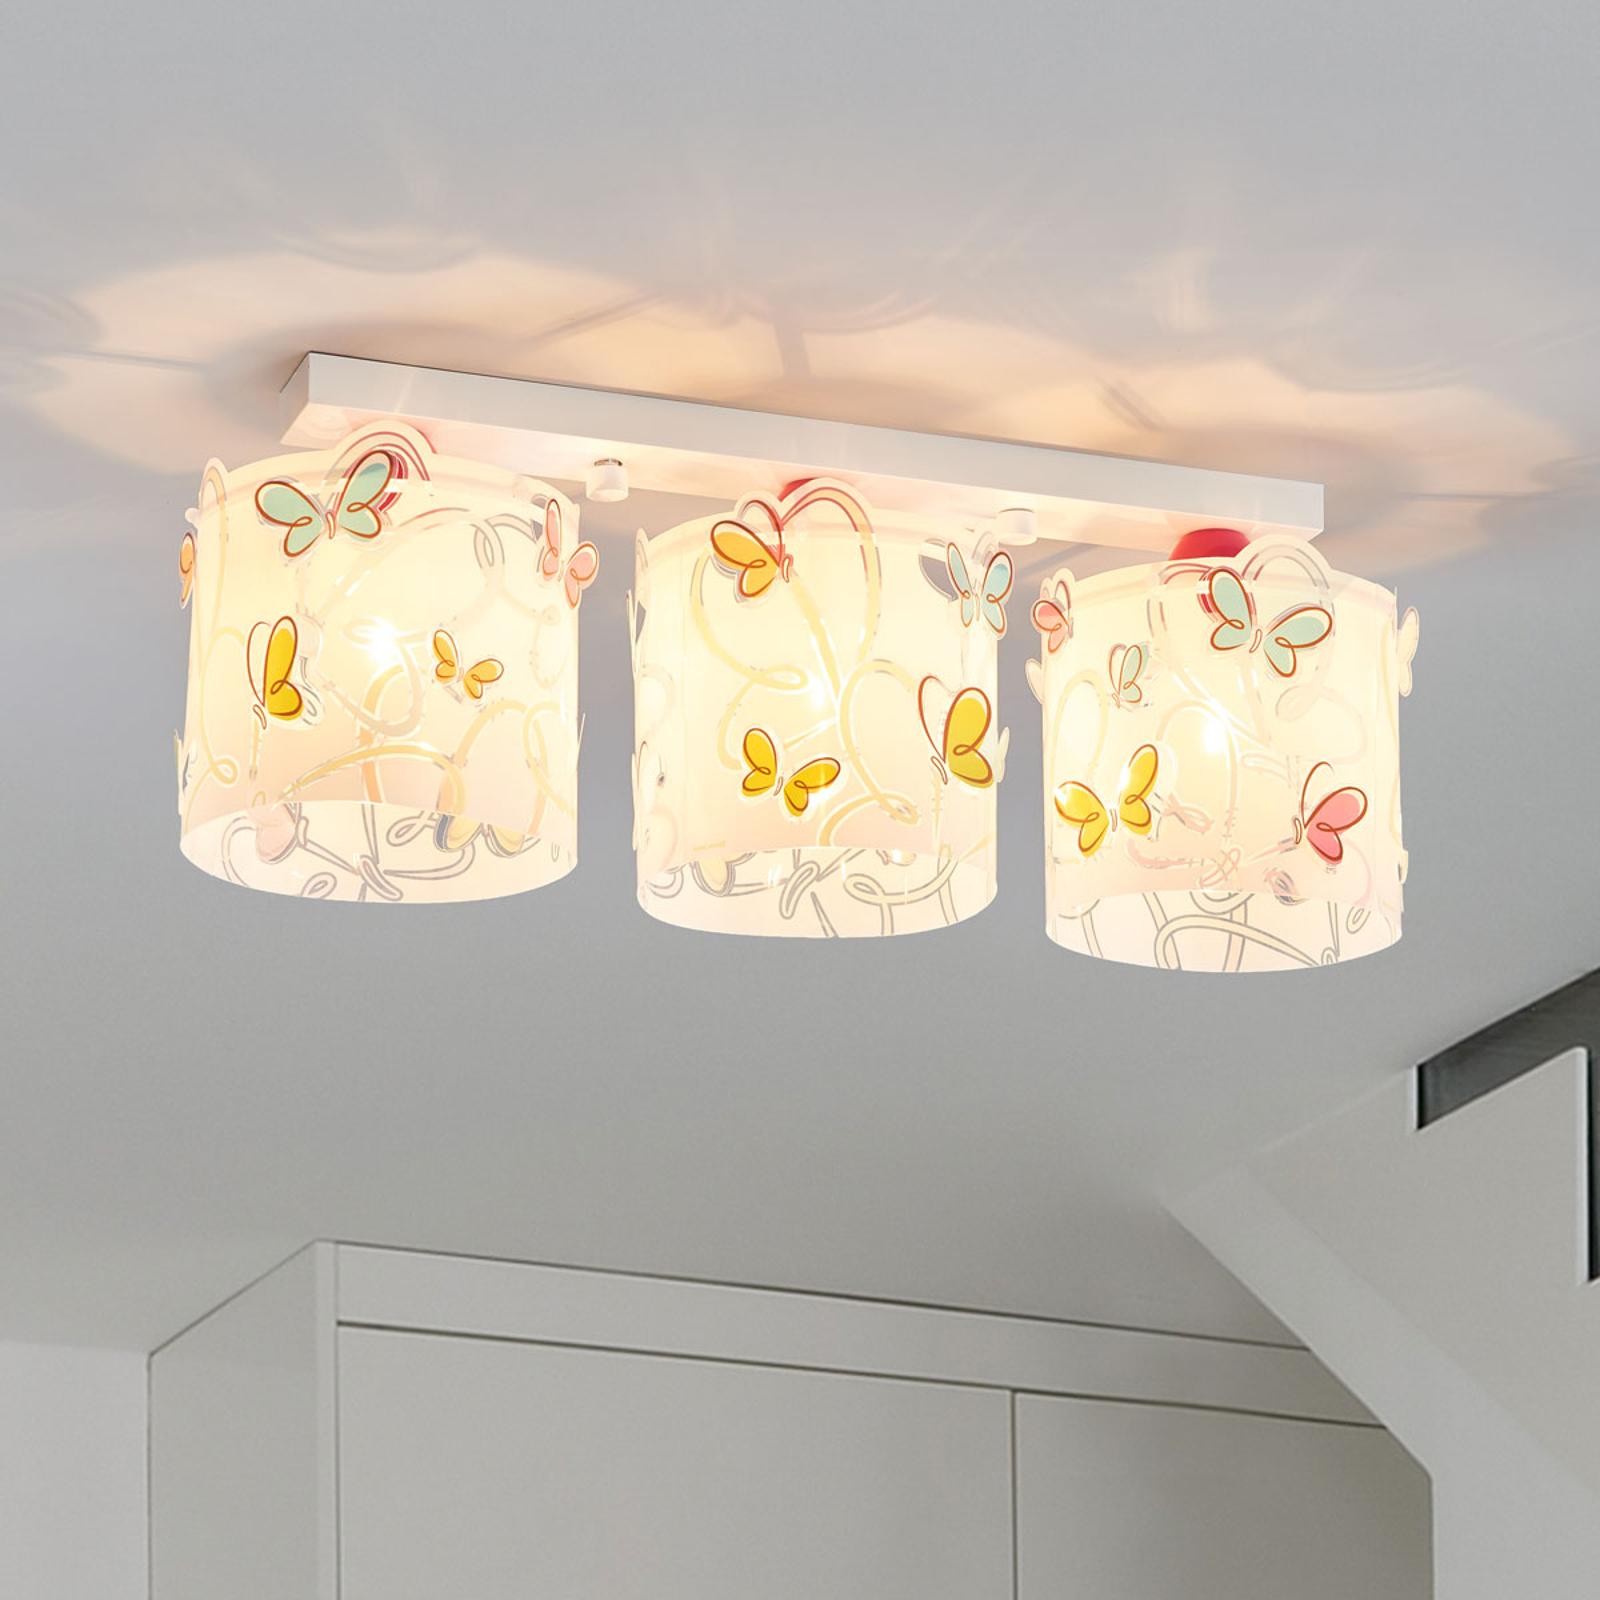 Lampa sufitowa Butterfly do pokoju dziecięcego